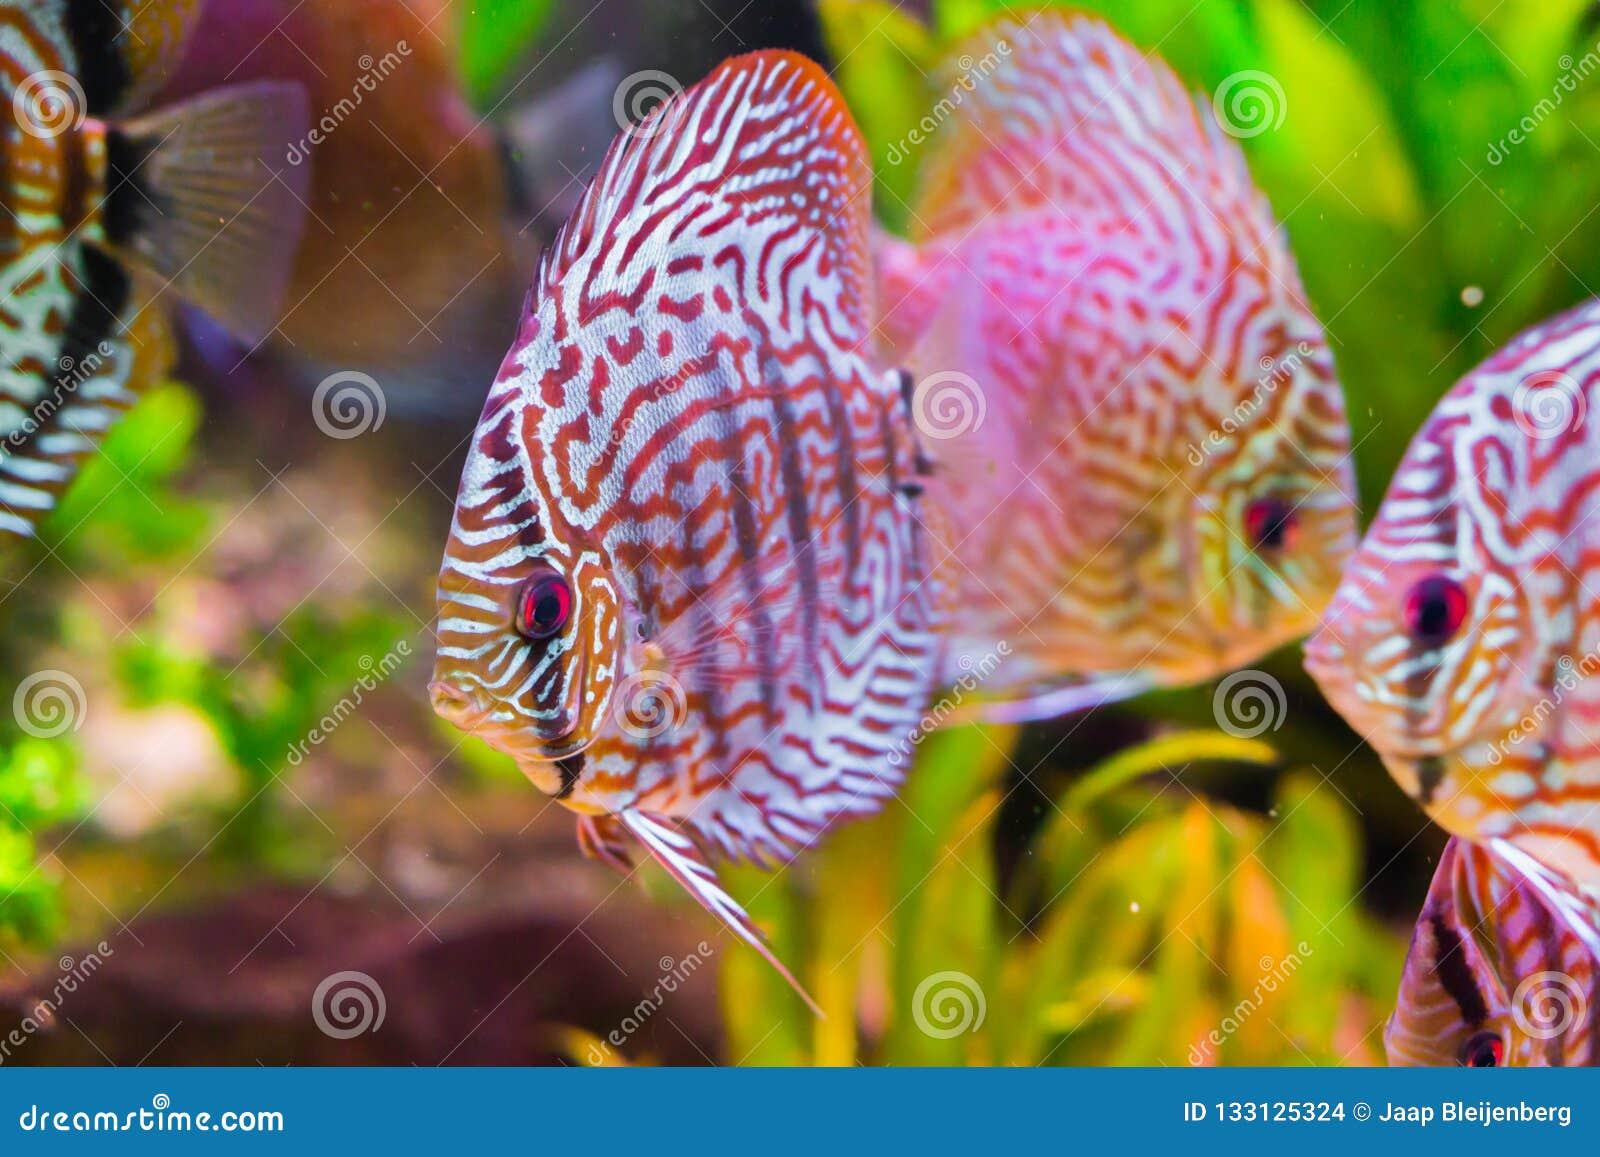 Bassin A Poisson Rouge beaux poissons rouges de disque de turquoise en plan